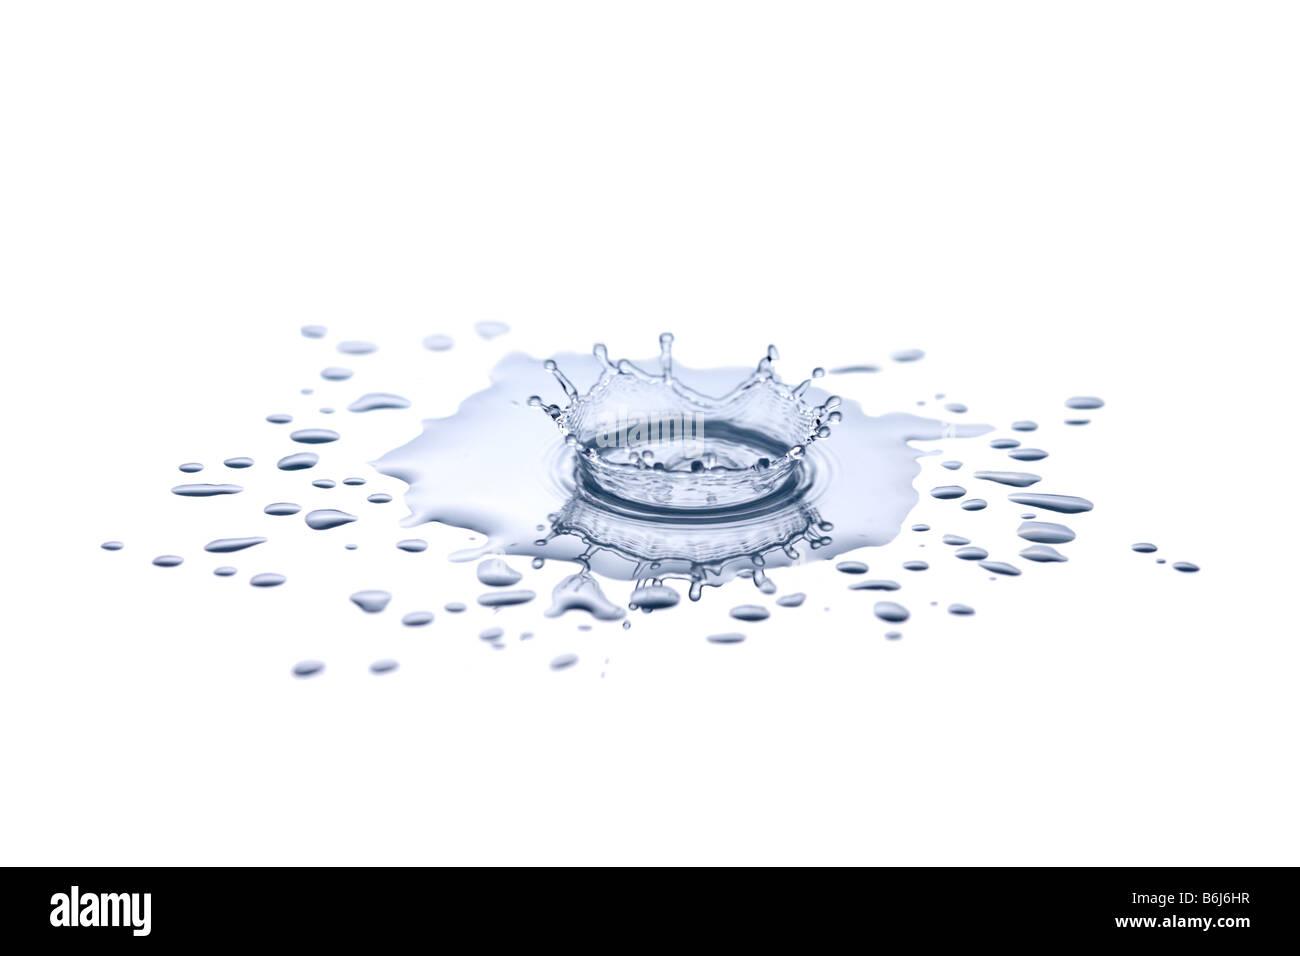 Unico di gocciolamento di spruzzi di acqua nella piccola pozza d'acqua Foto Stock